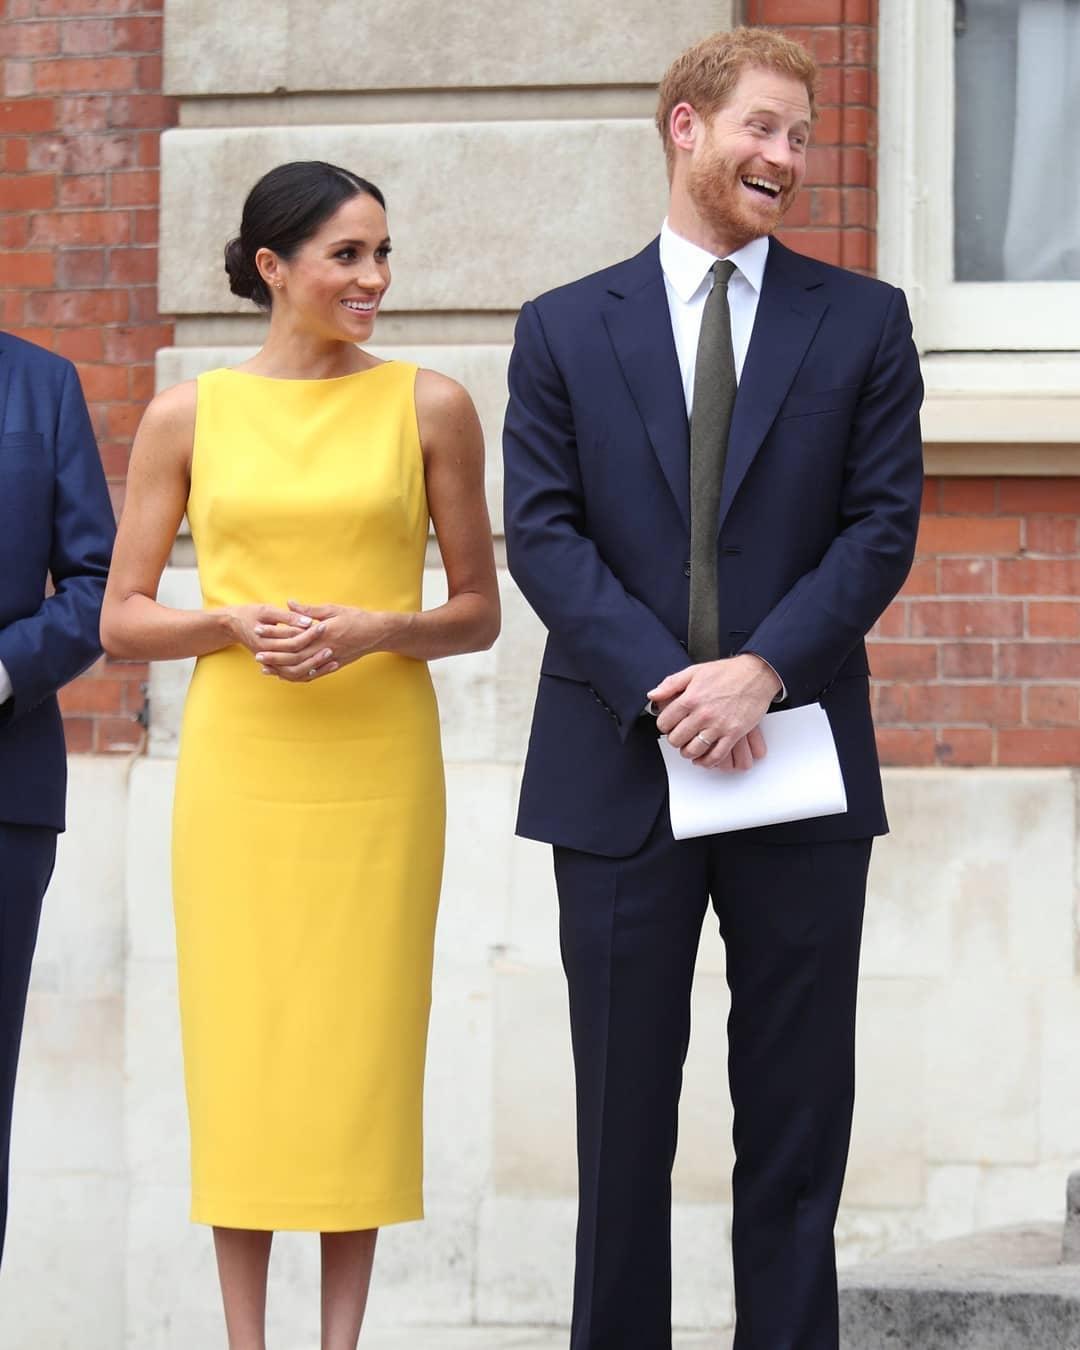 СМИ: Меган Маркл и принц Гарри планируют крестить дочь в Виндзоре - фото №2